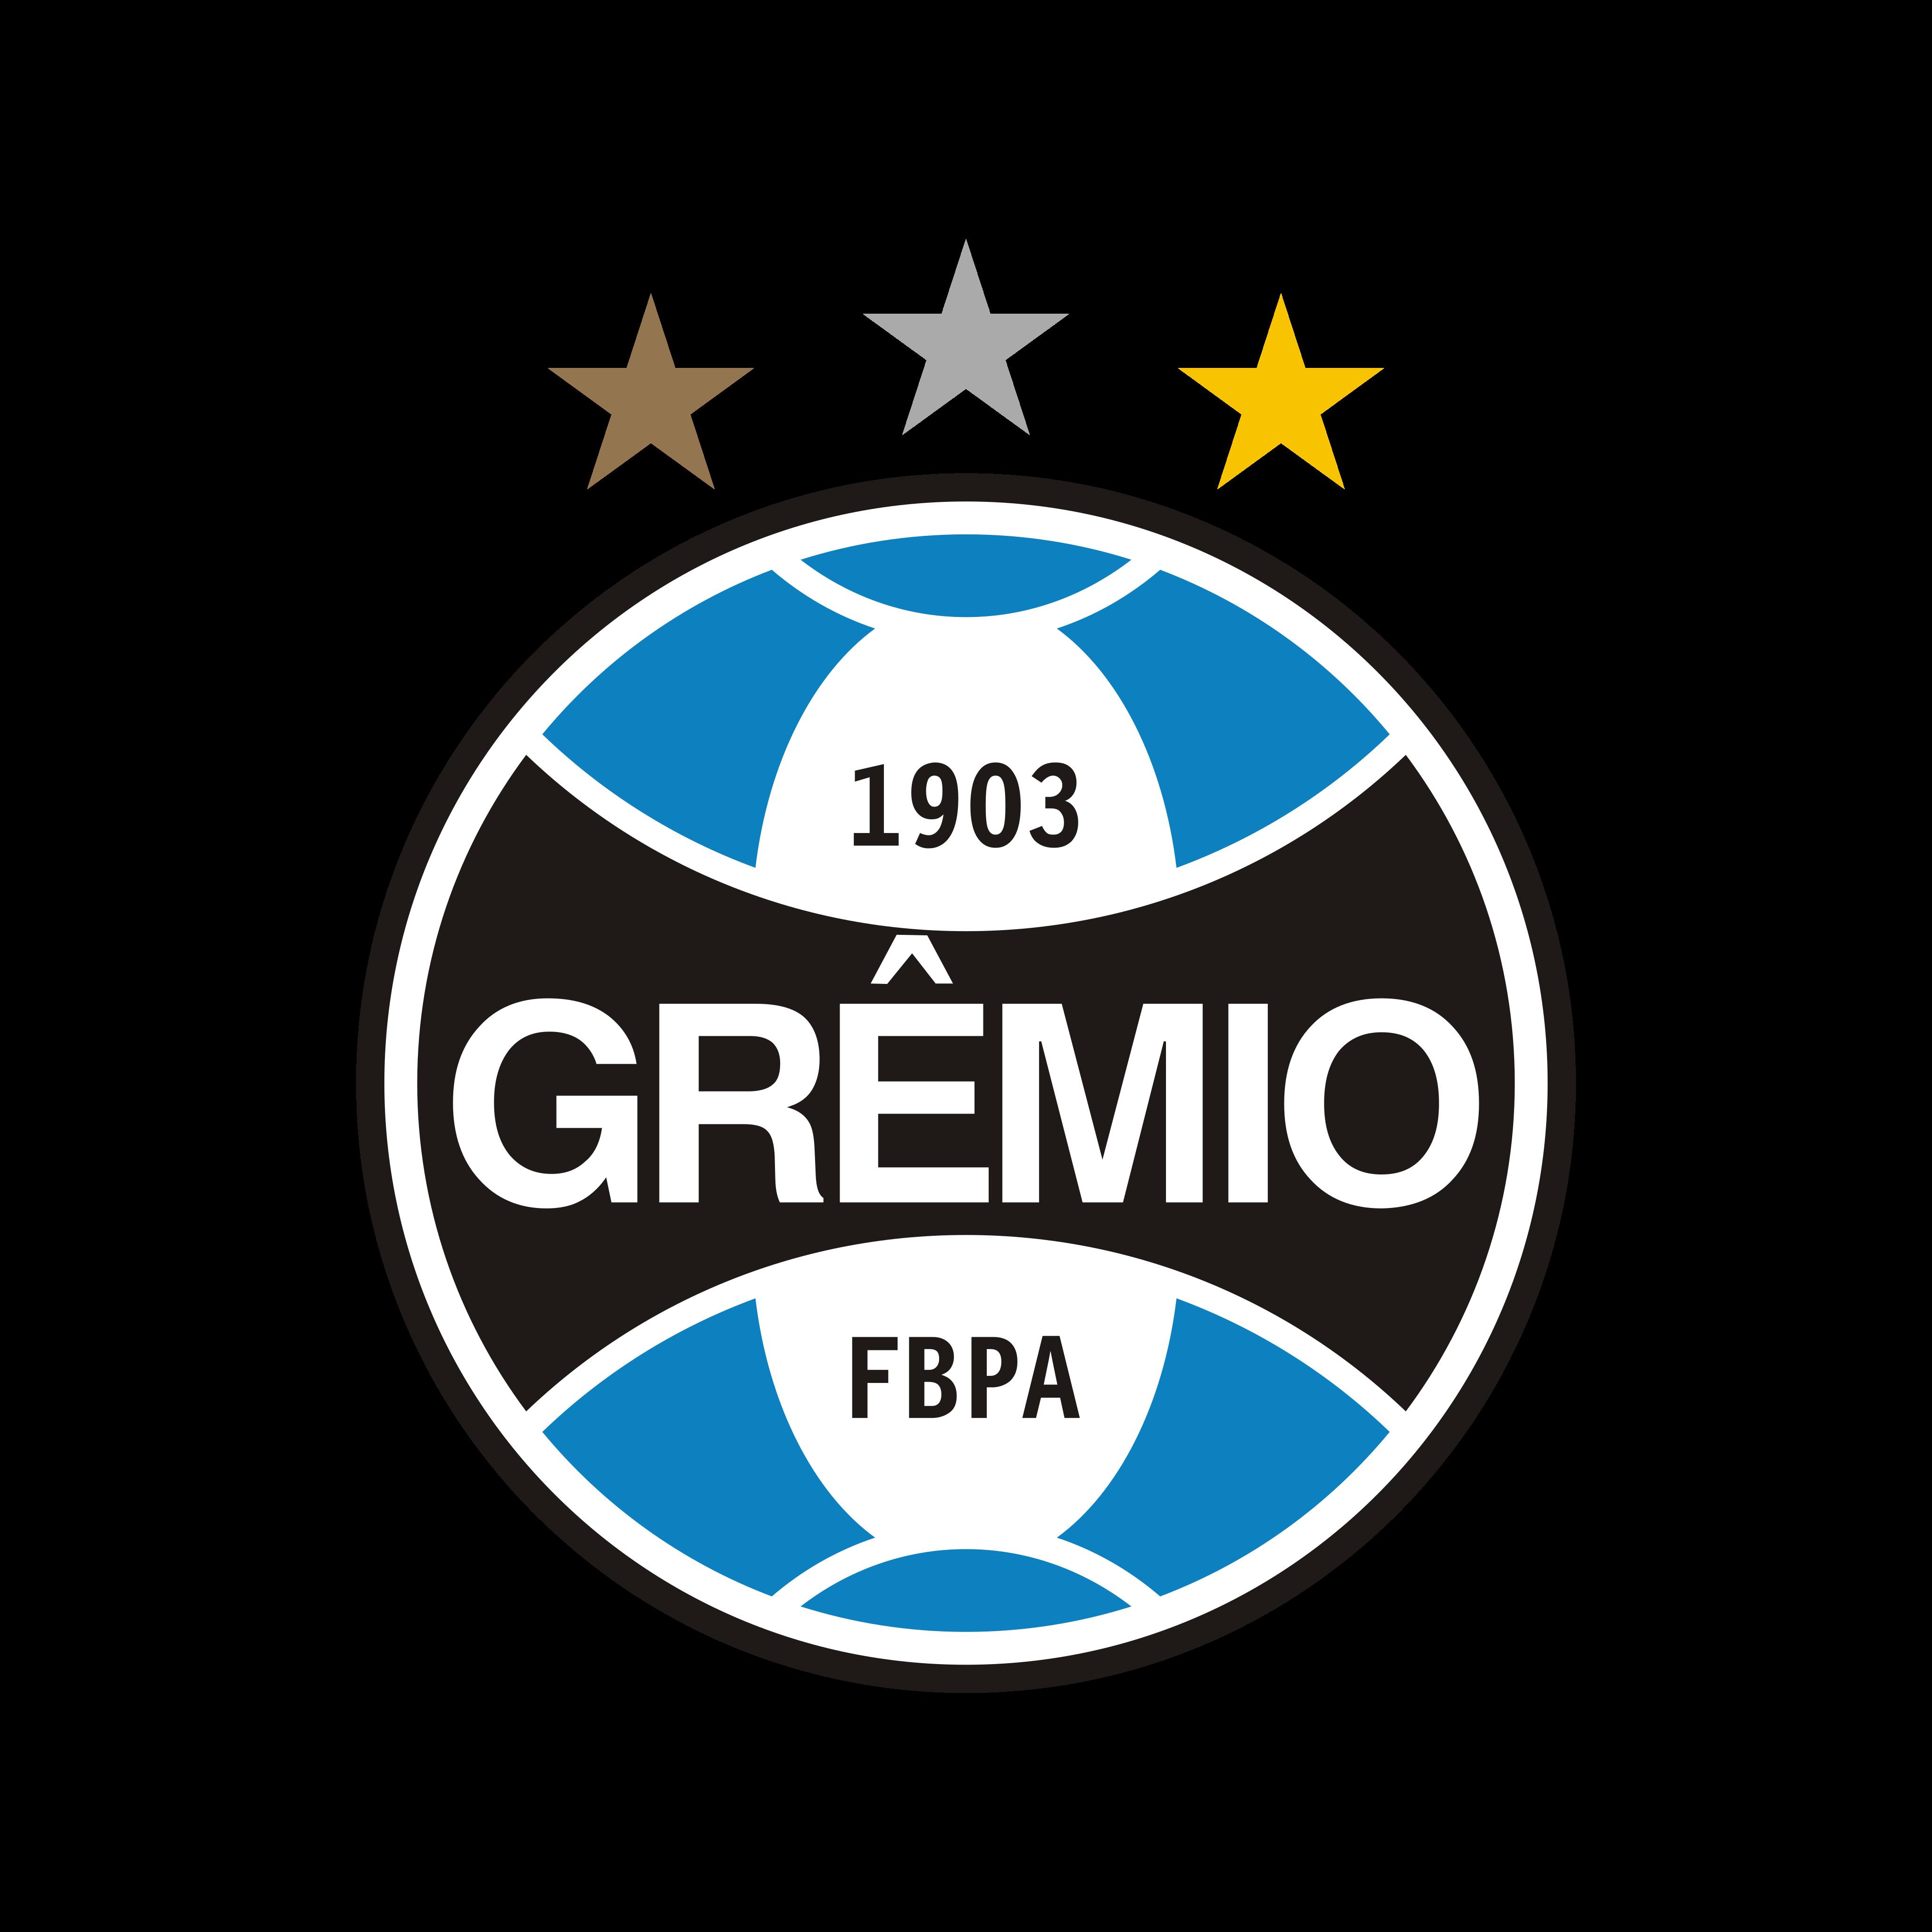 gremio logo 0 - Grêmio FC Logo